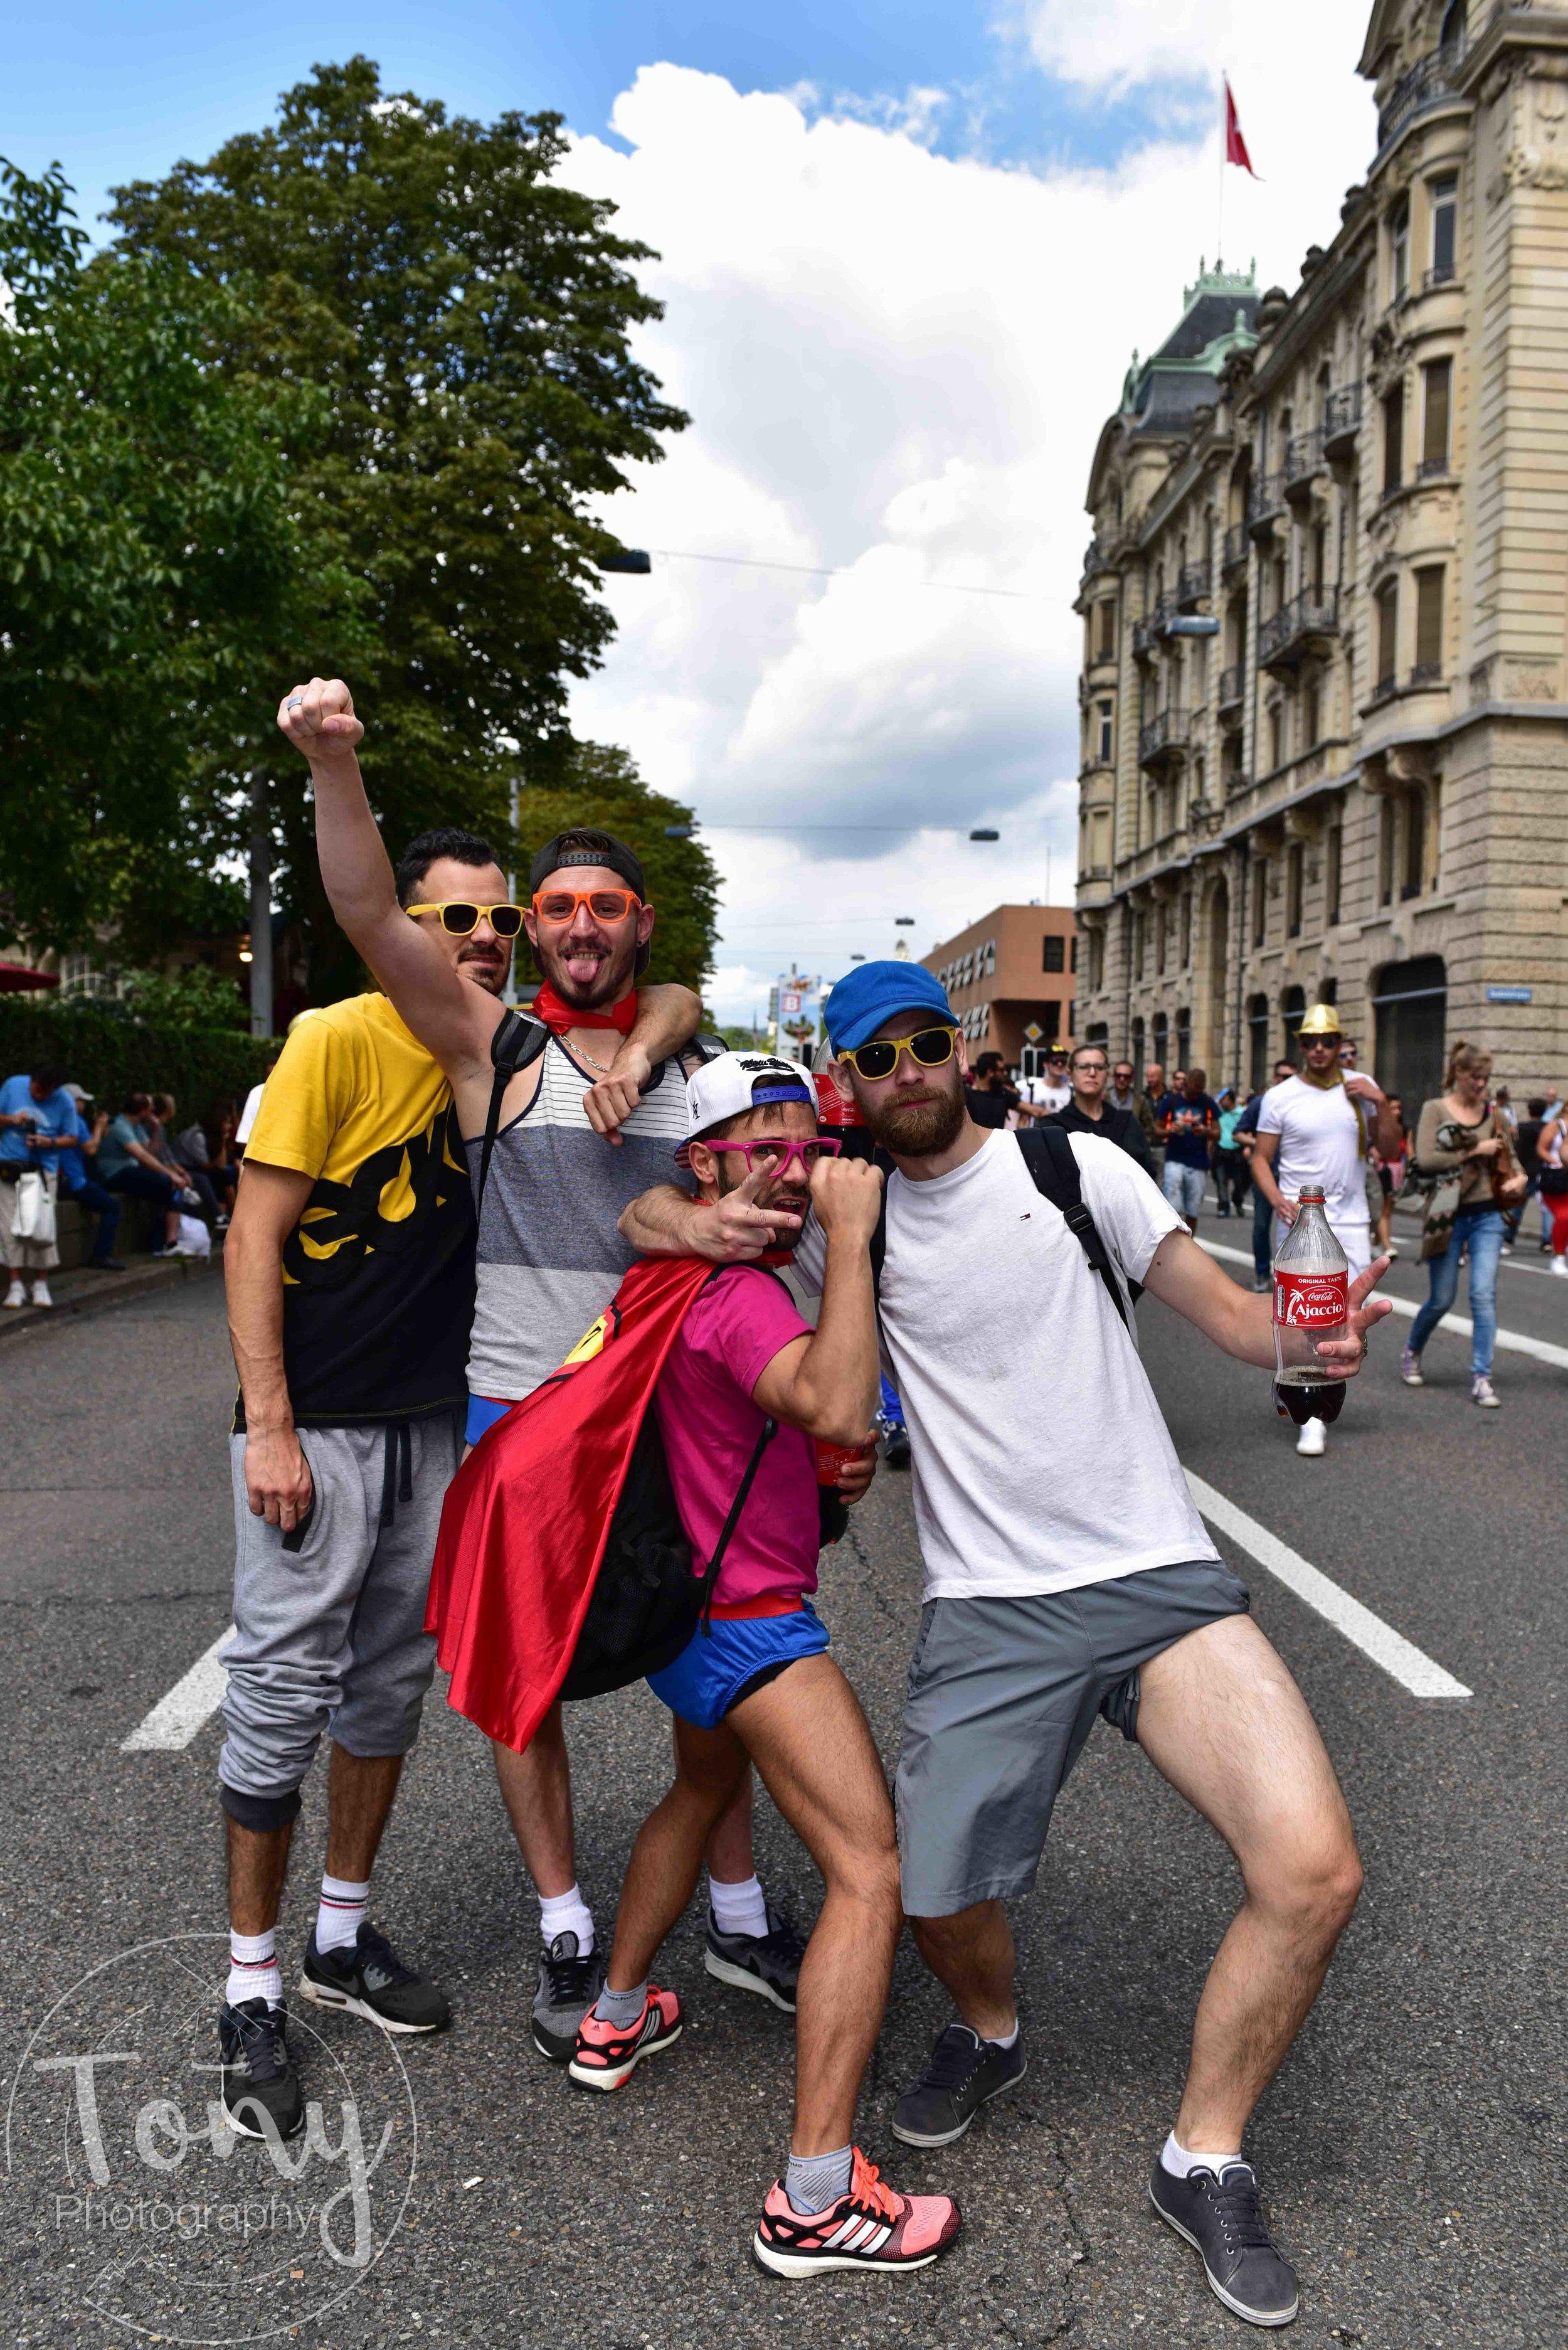 streetparade-21.jpg